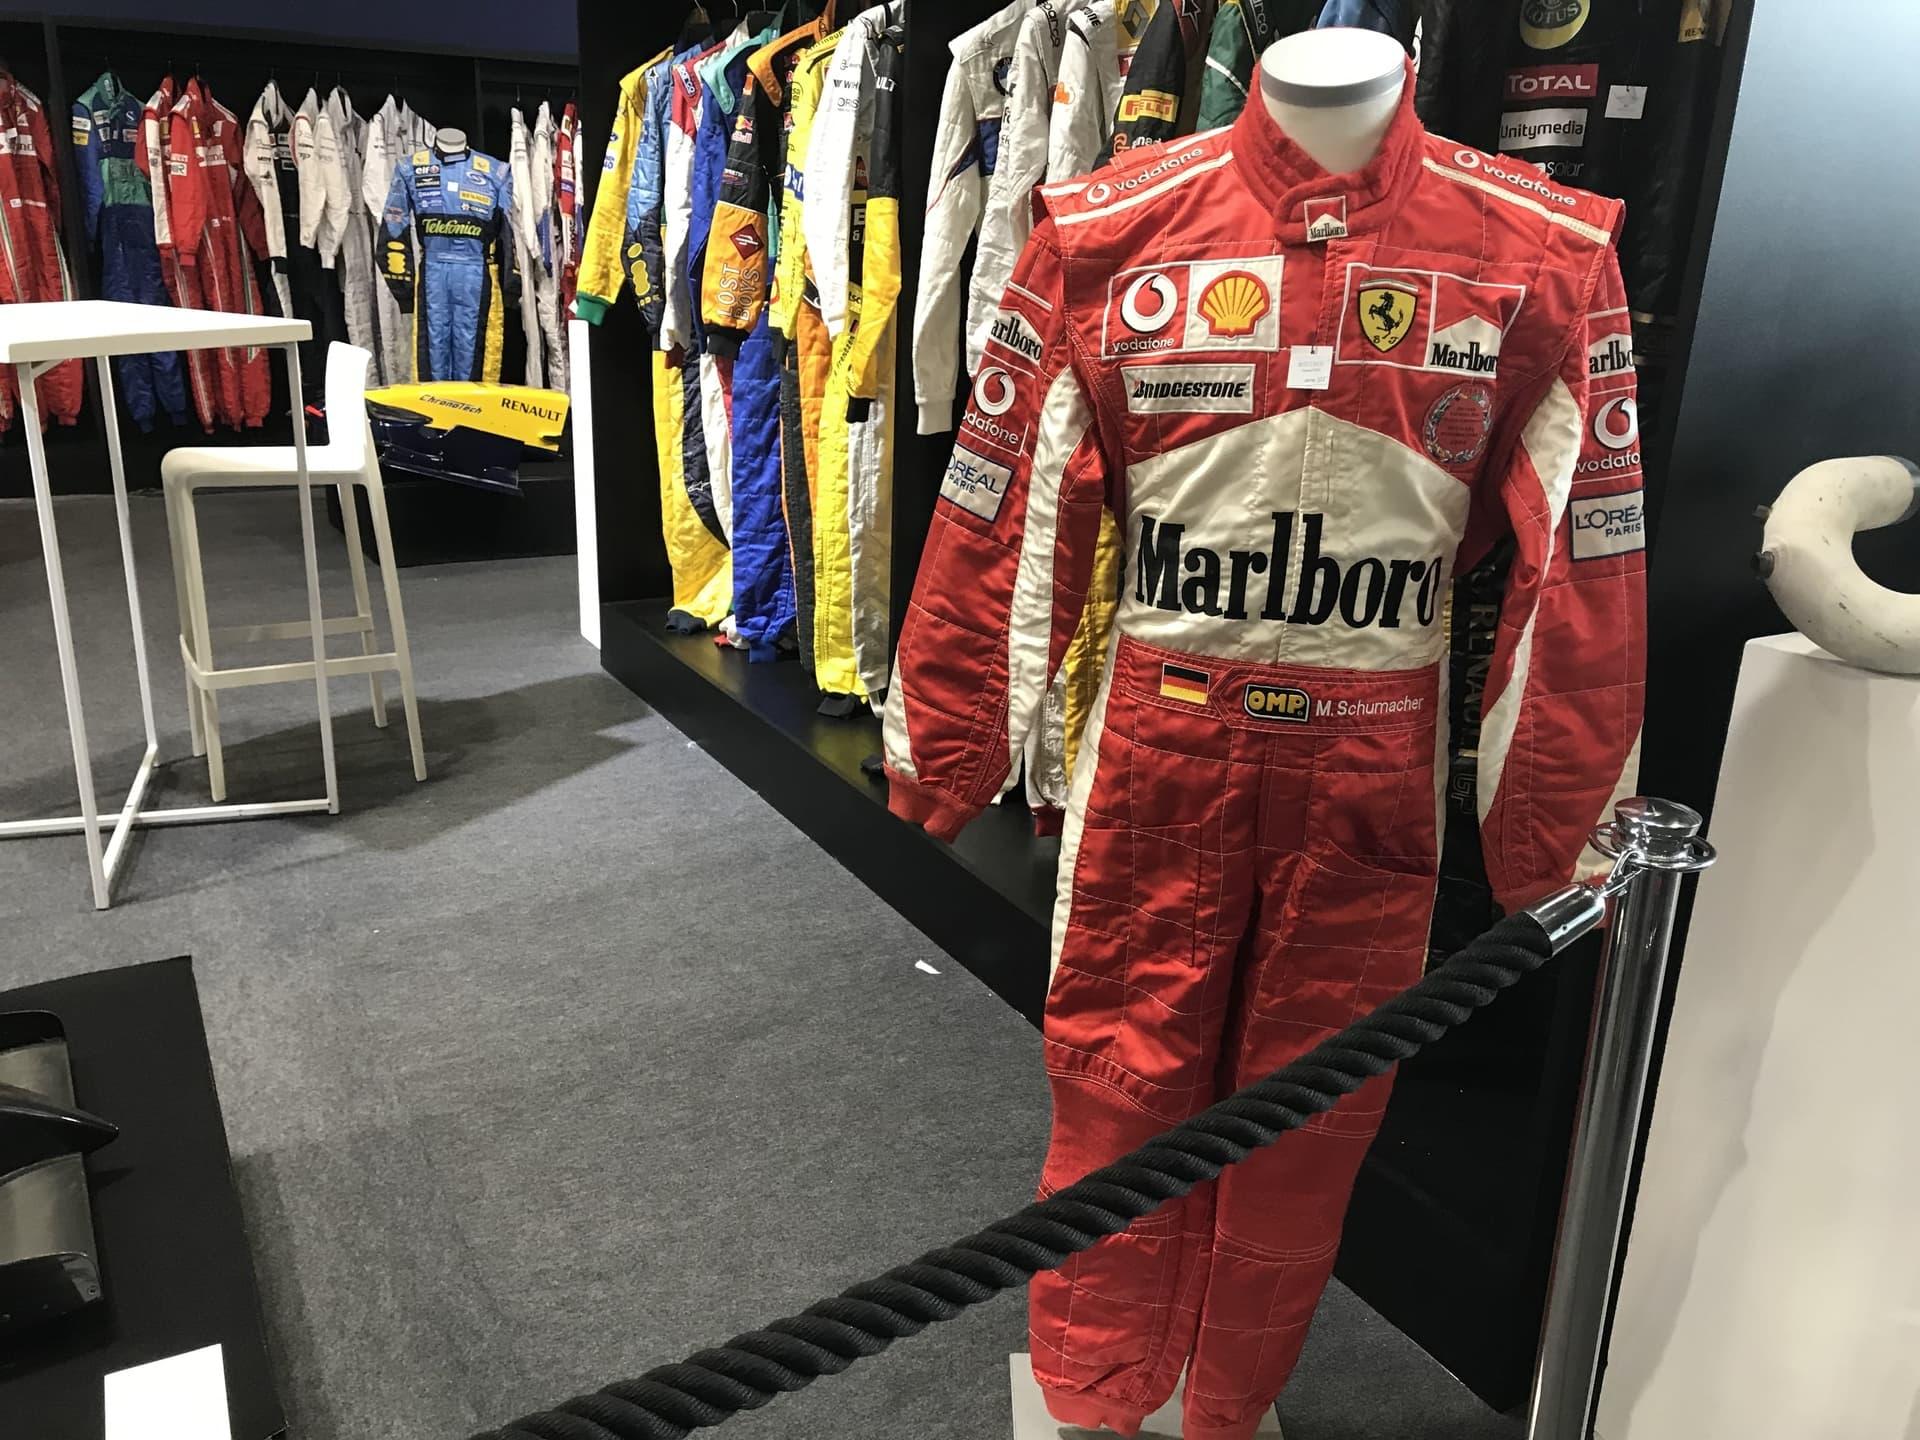 Race Suits for the Artcurial Vibration Auction